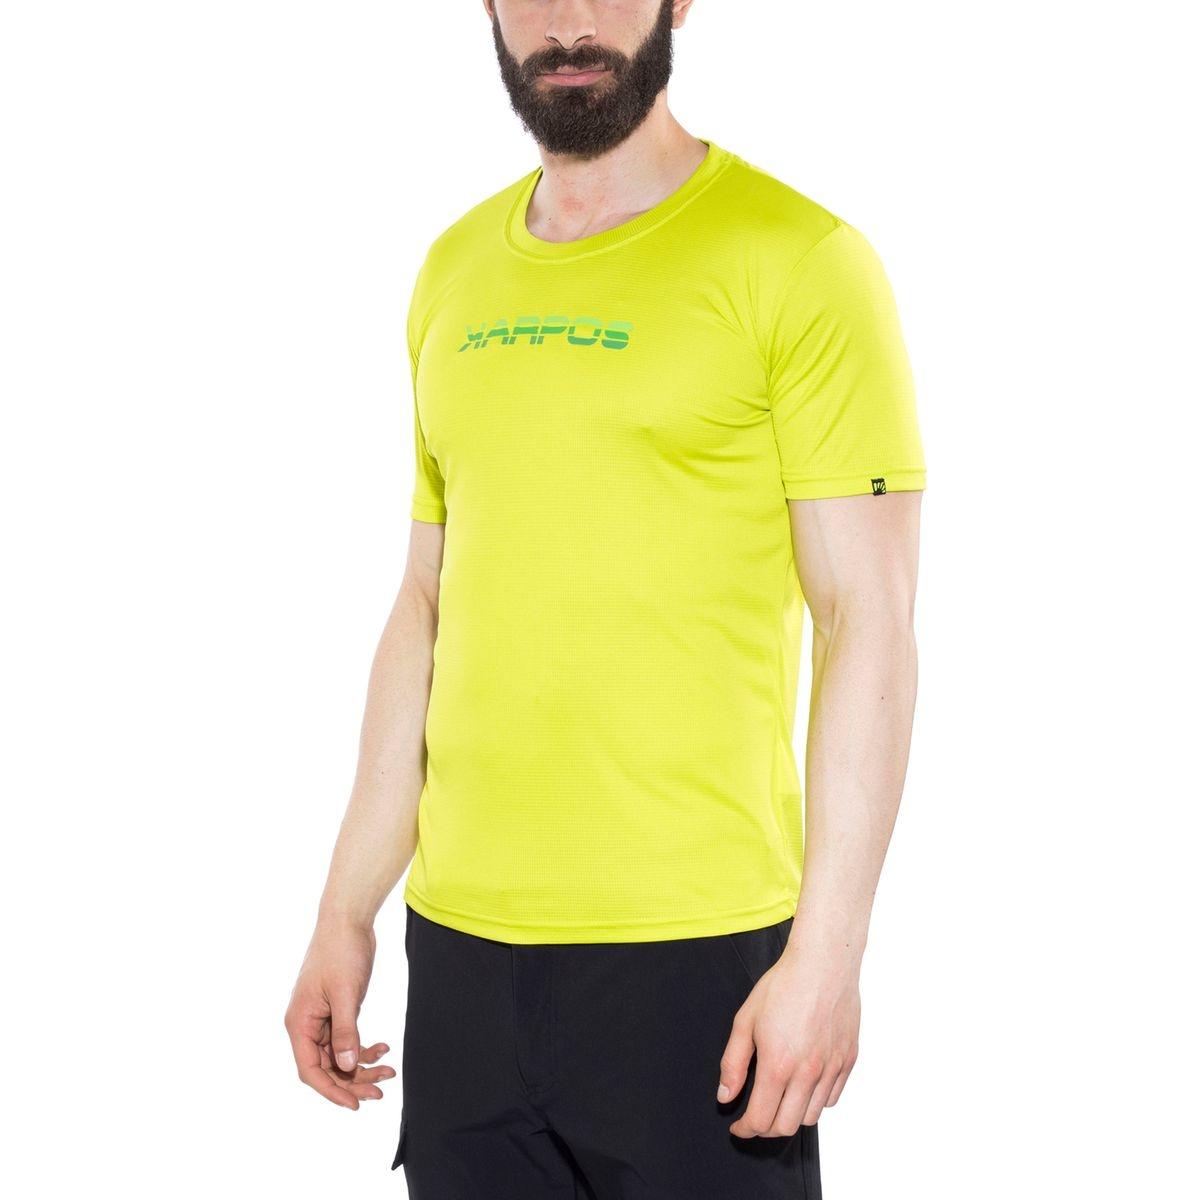 Loma - T-shirt course à pied Homme - vert